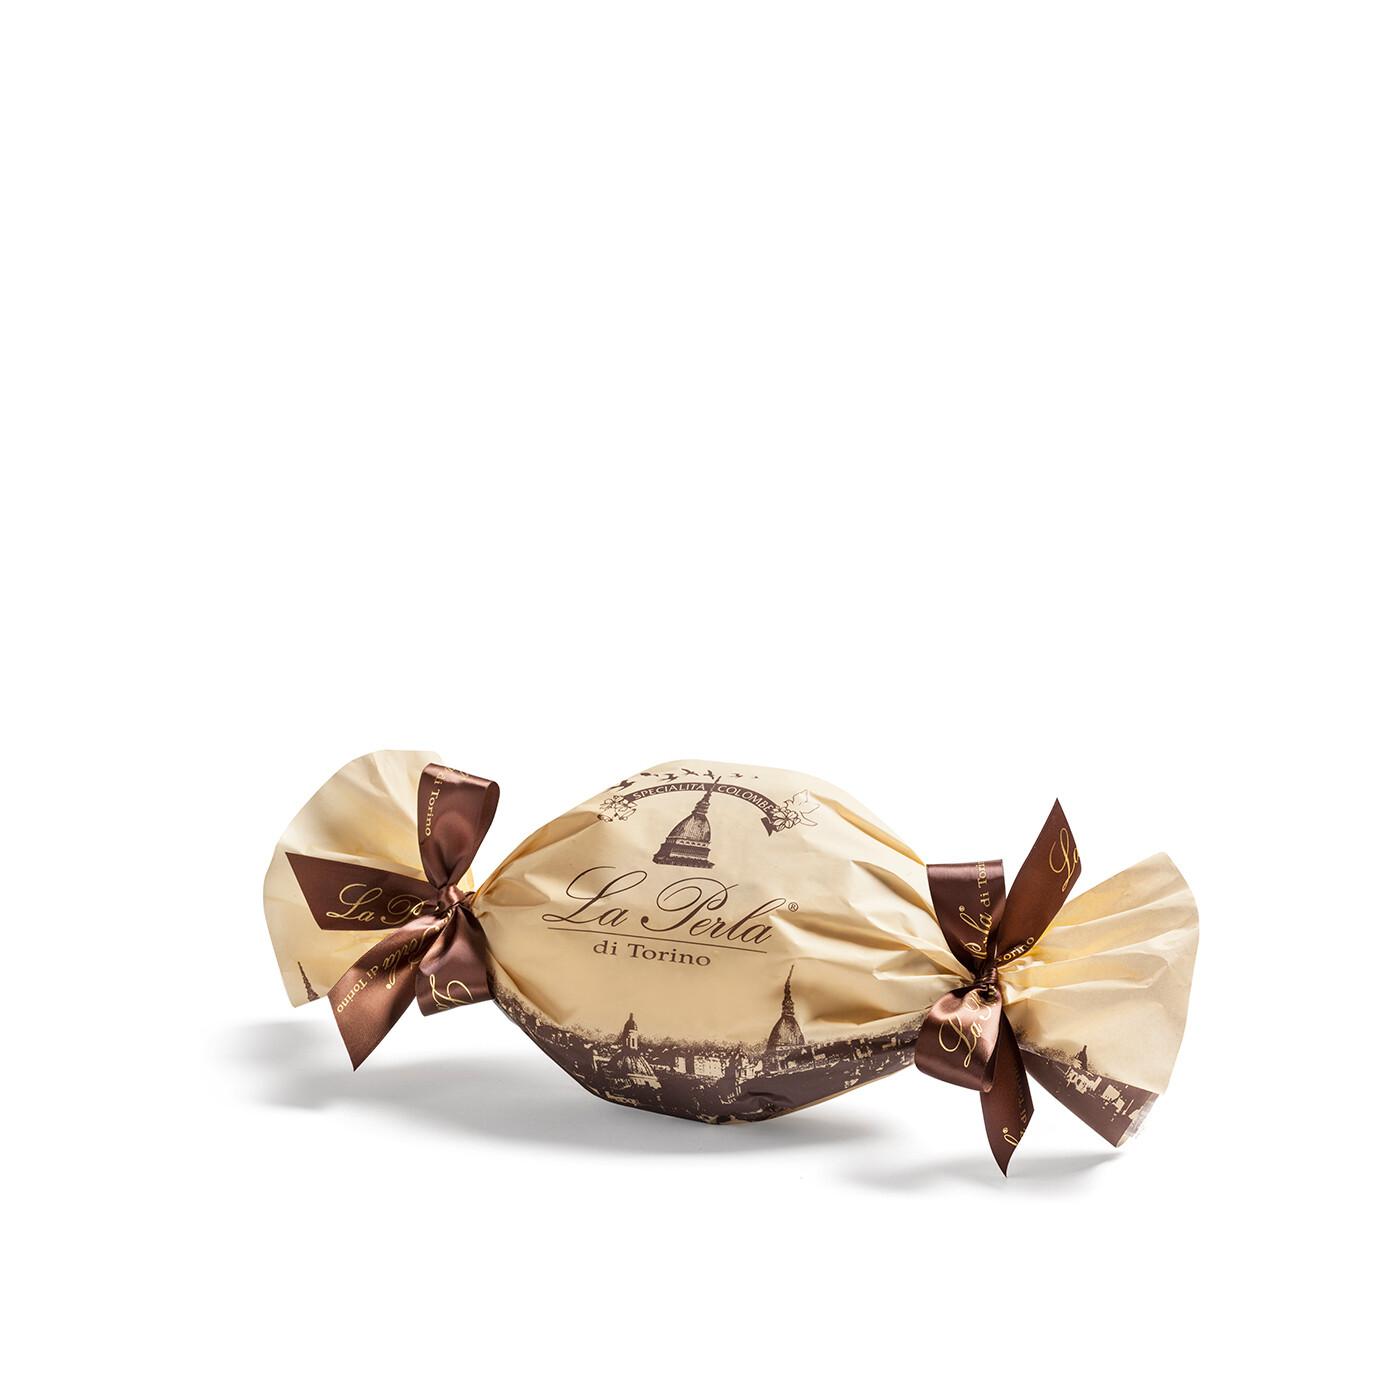 La Perla - Colomba Tradizionale - 500g